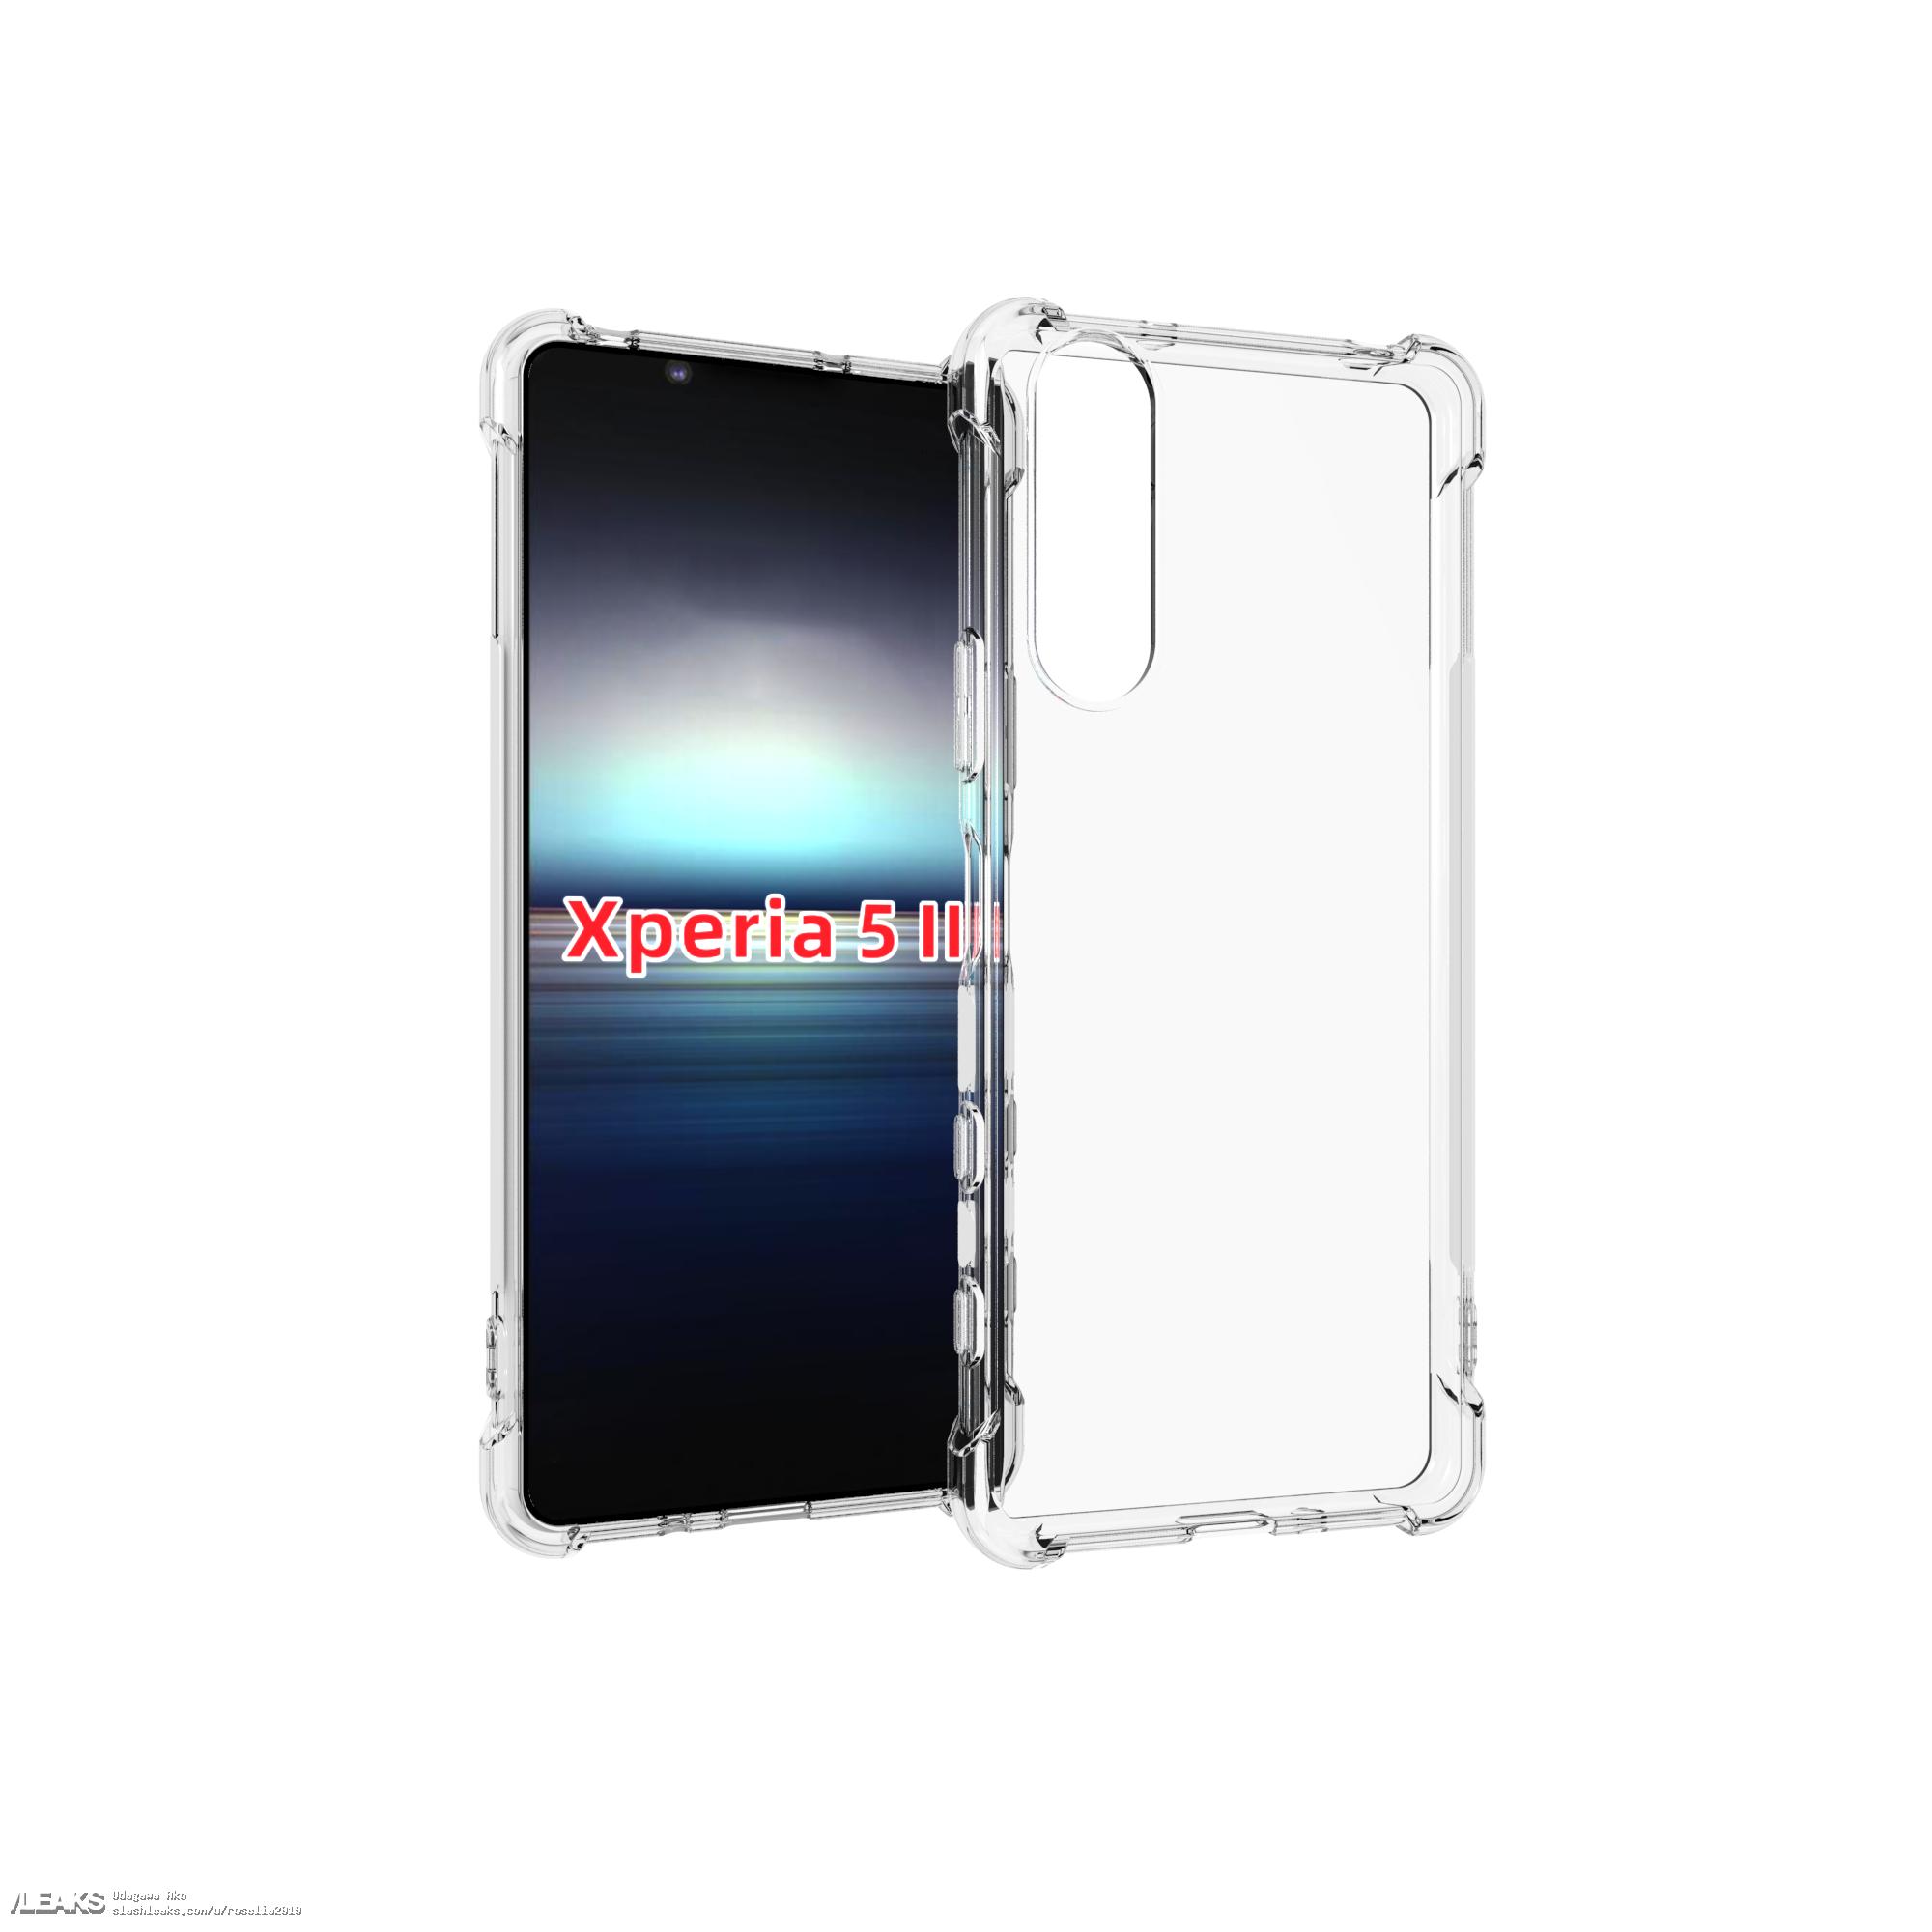 img Sony Xperia 5 II Case Leaks